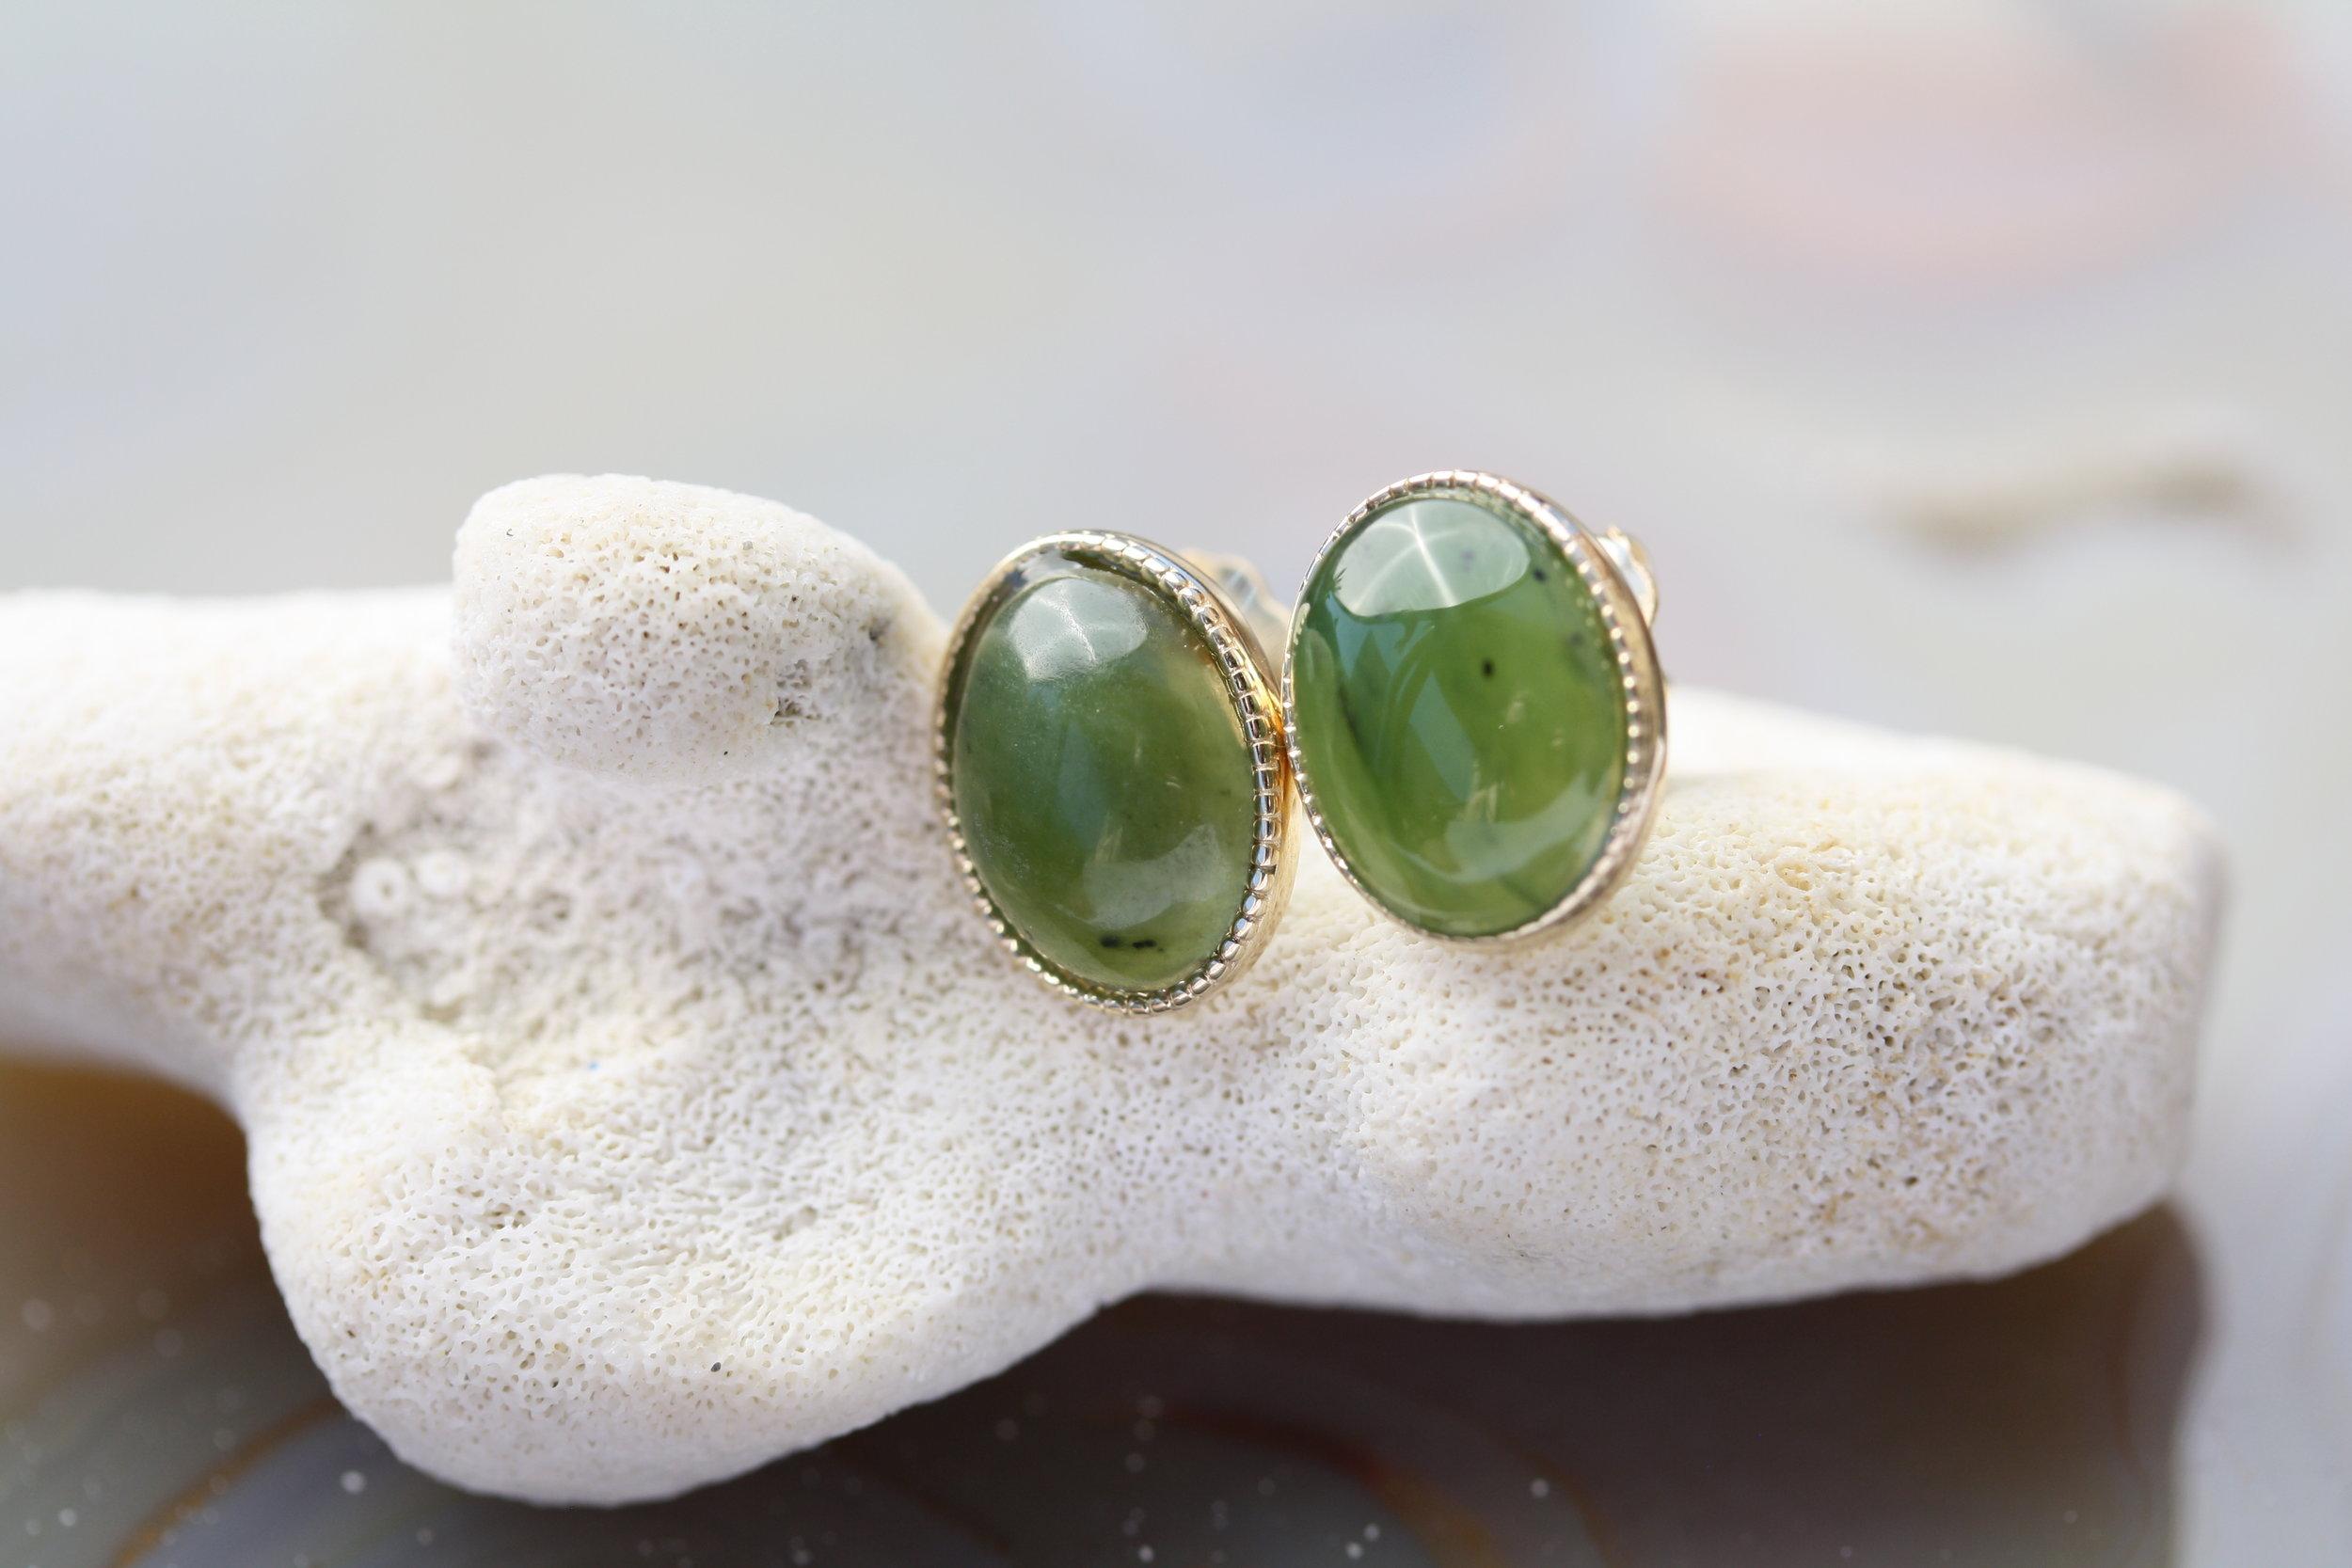 Jade Stud Earrings 14KY Bezel Millsgrain_23 copy.JPG